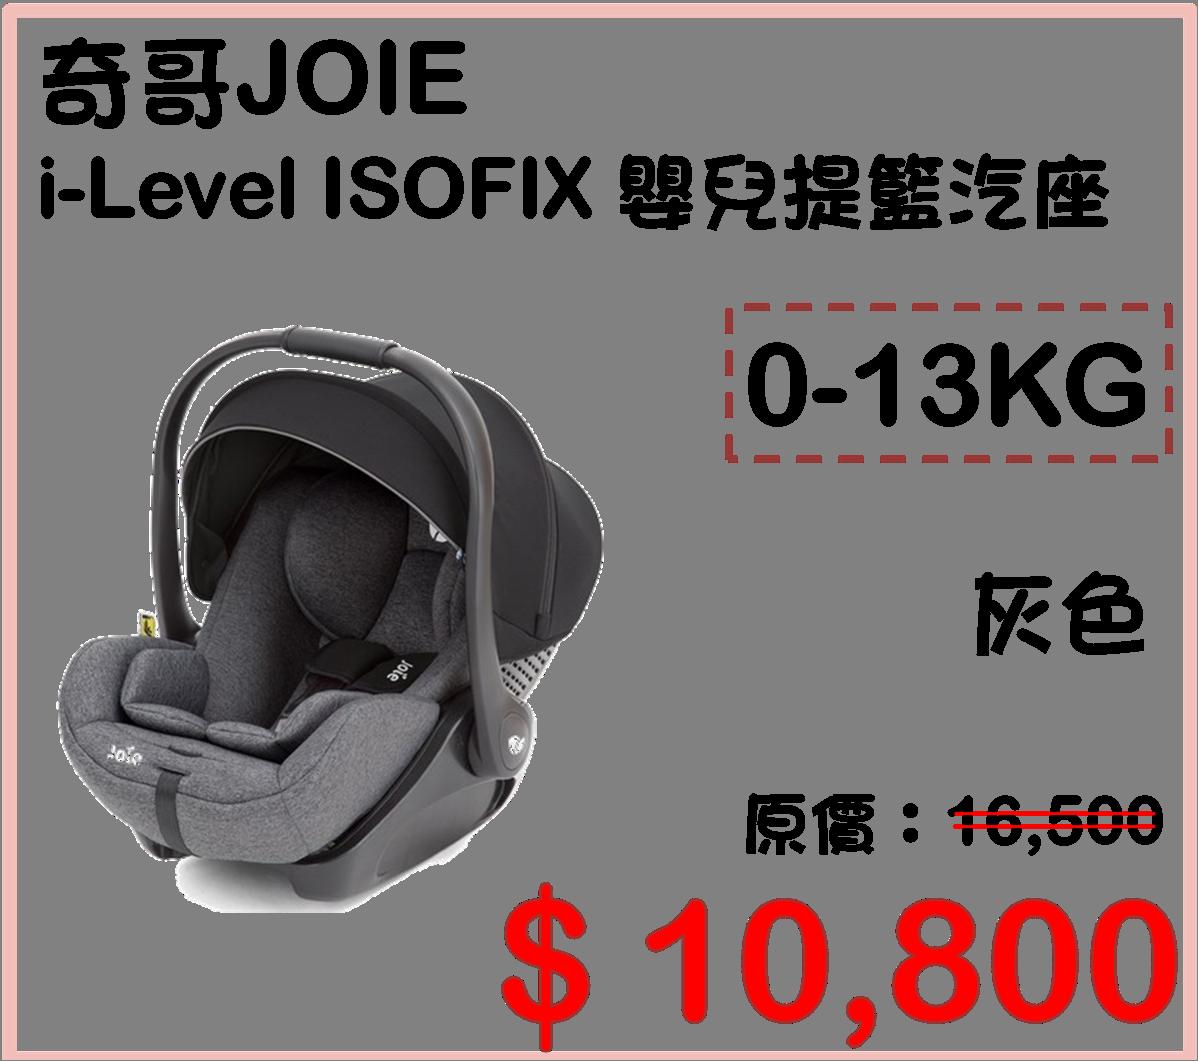 【買就送滑步車】JOIE  i-Level  ISOFIX  嬰兒提籃汽座 灰色 JBD82100A 0